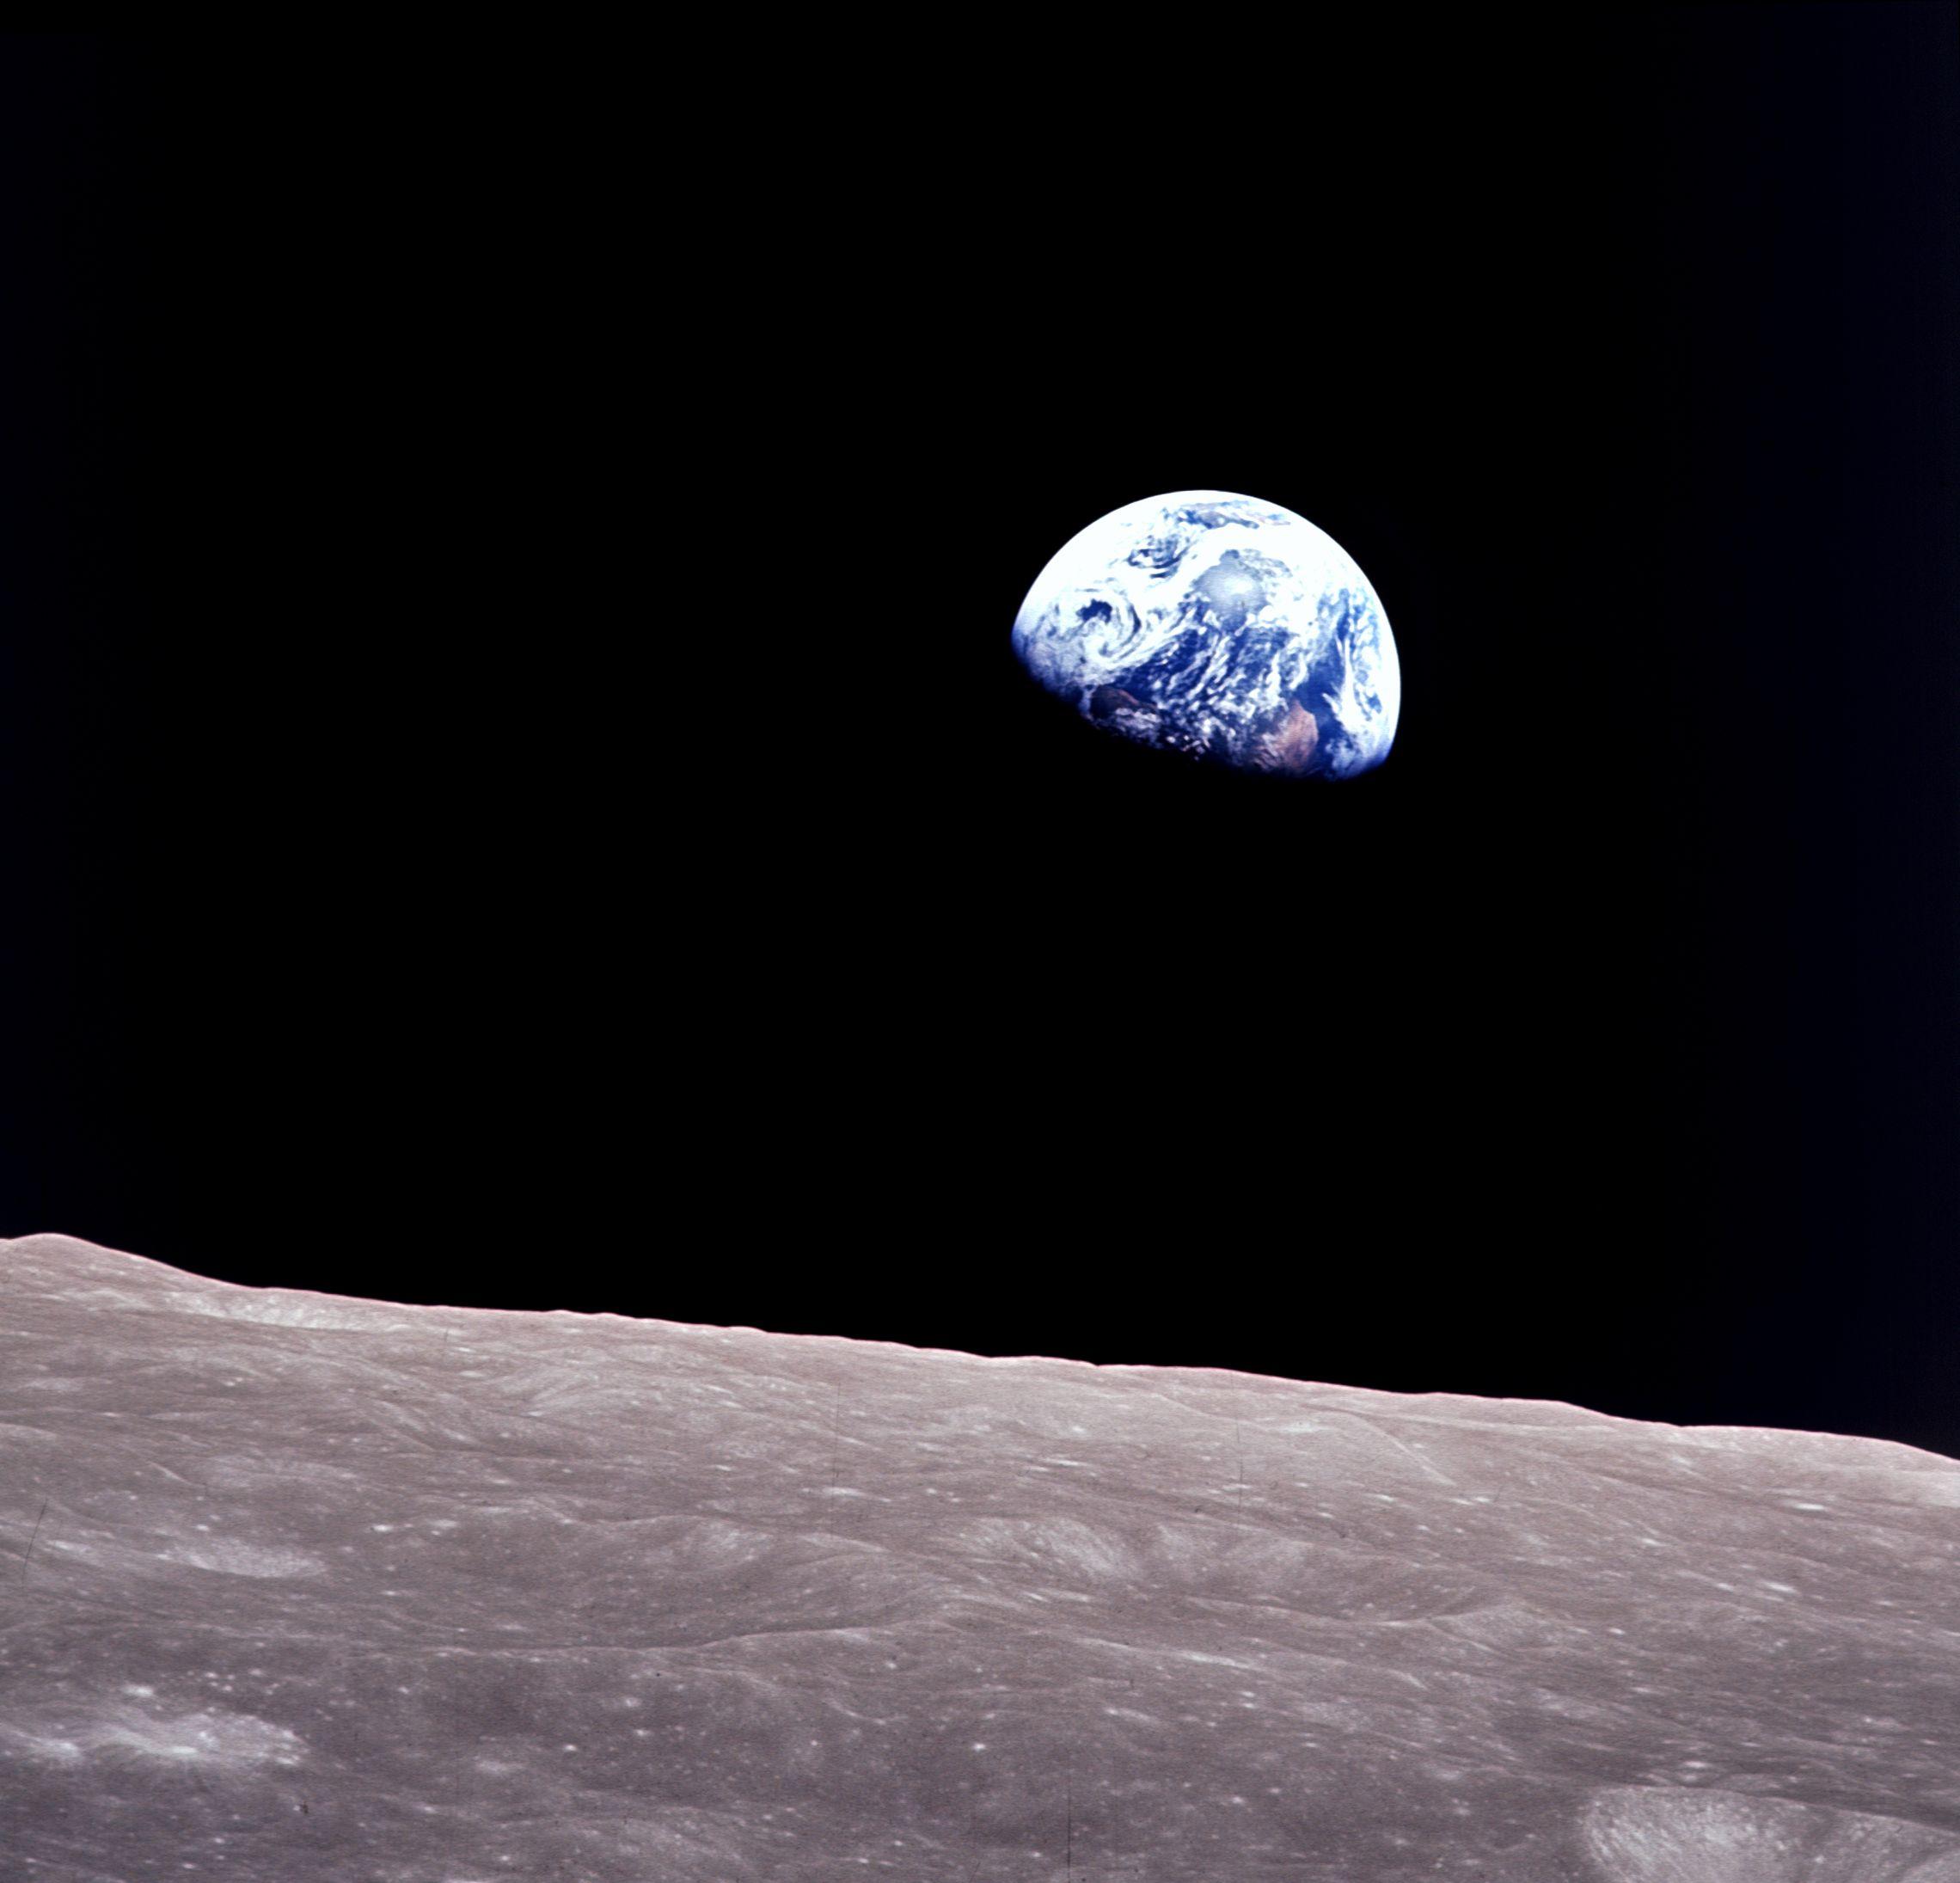 Apollo 8: Earthrise